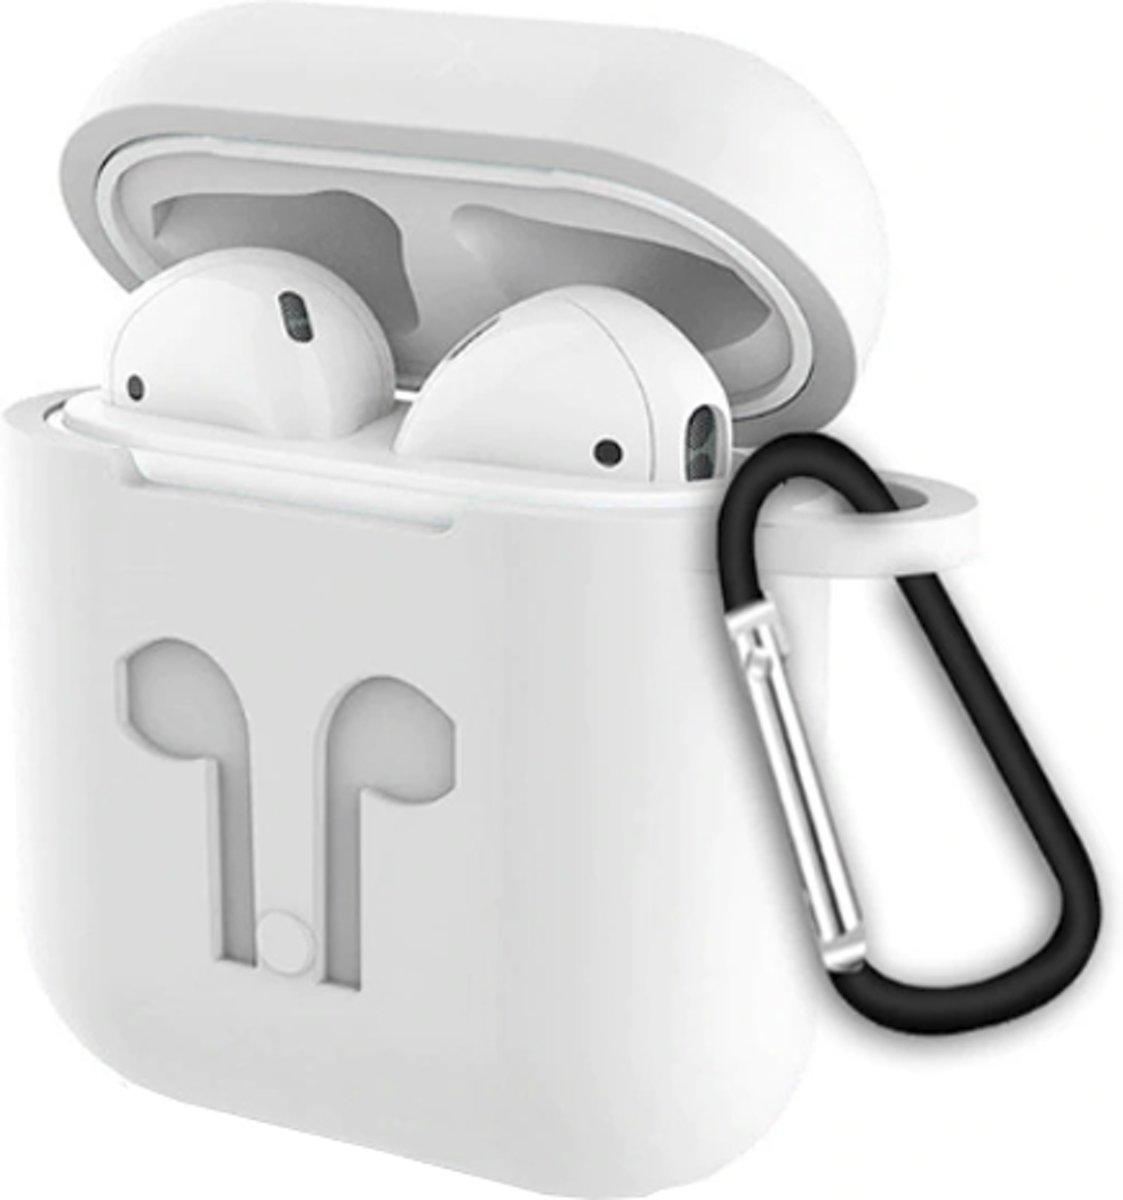 Airpods Hoesje Wit - Siliconen Case Cover voor Apple Airpods - 3 in 1 set met Anti Lost Strap en Haak kopen